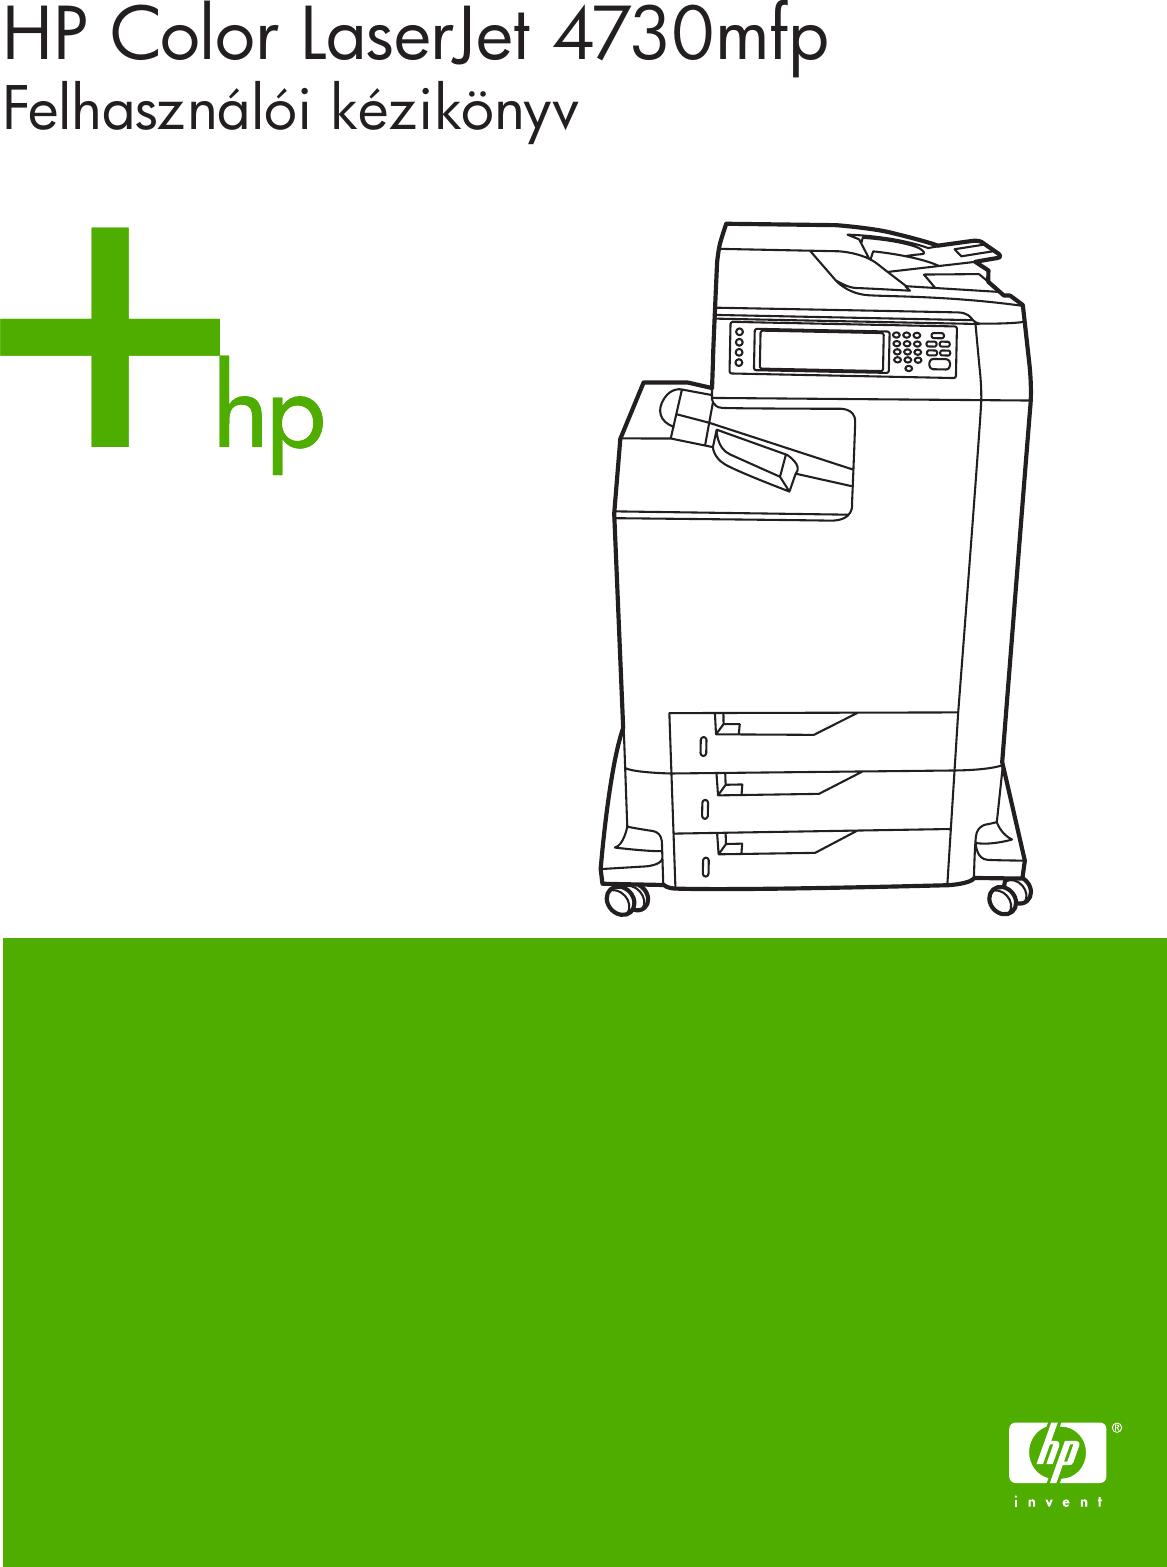 79291394be HP Color LaserJet 4730mfp – HUWW Laser Jet Felhasználói Kézikönyv C00379080